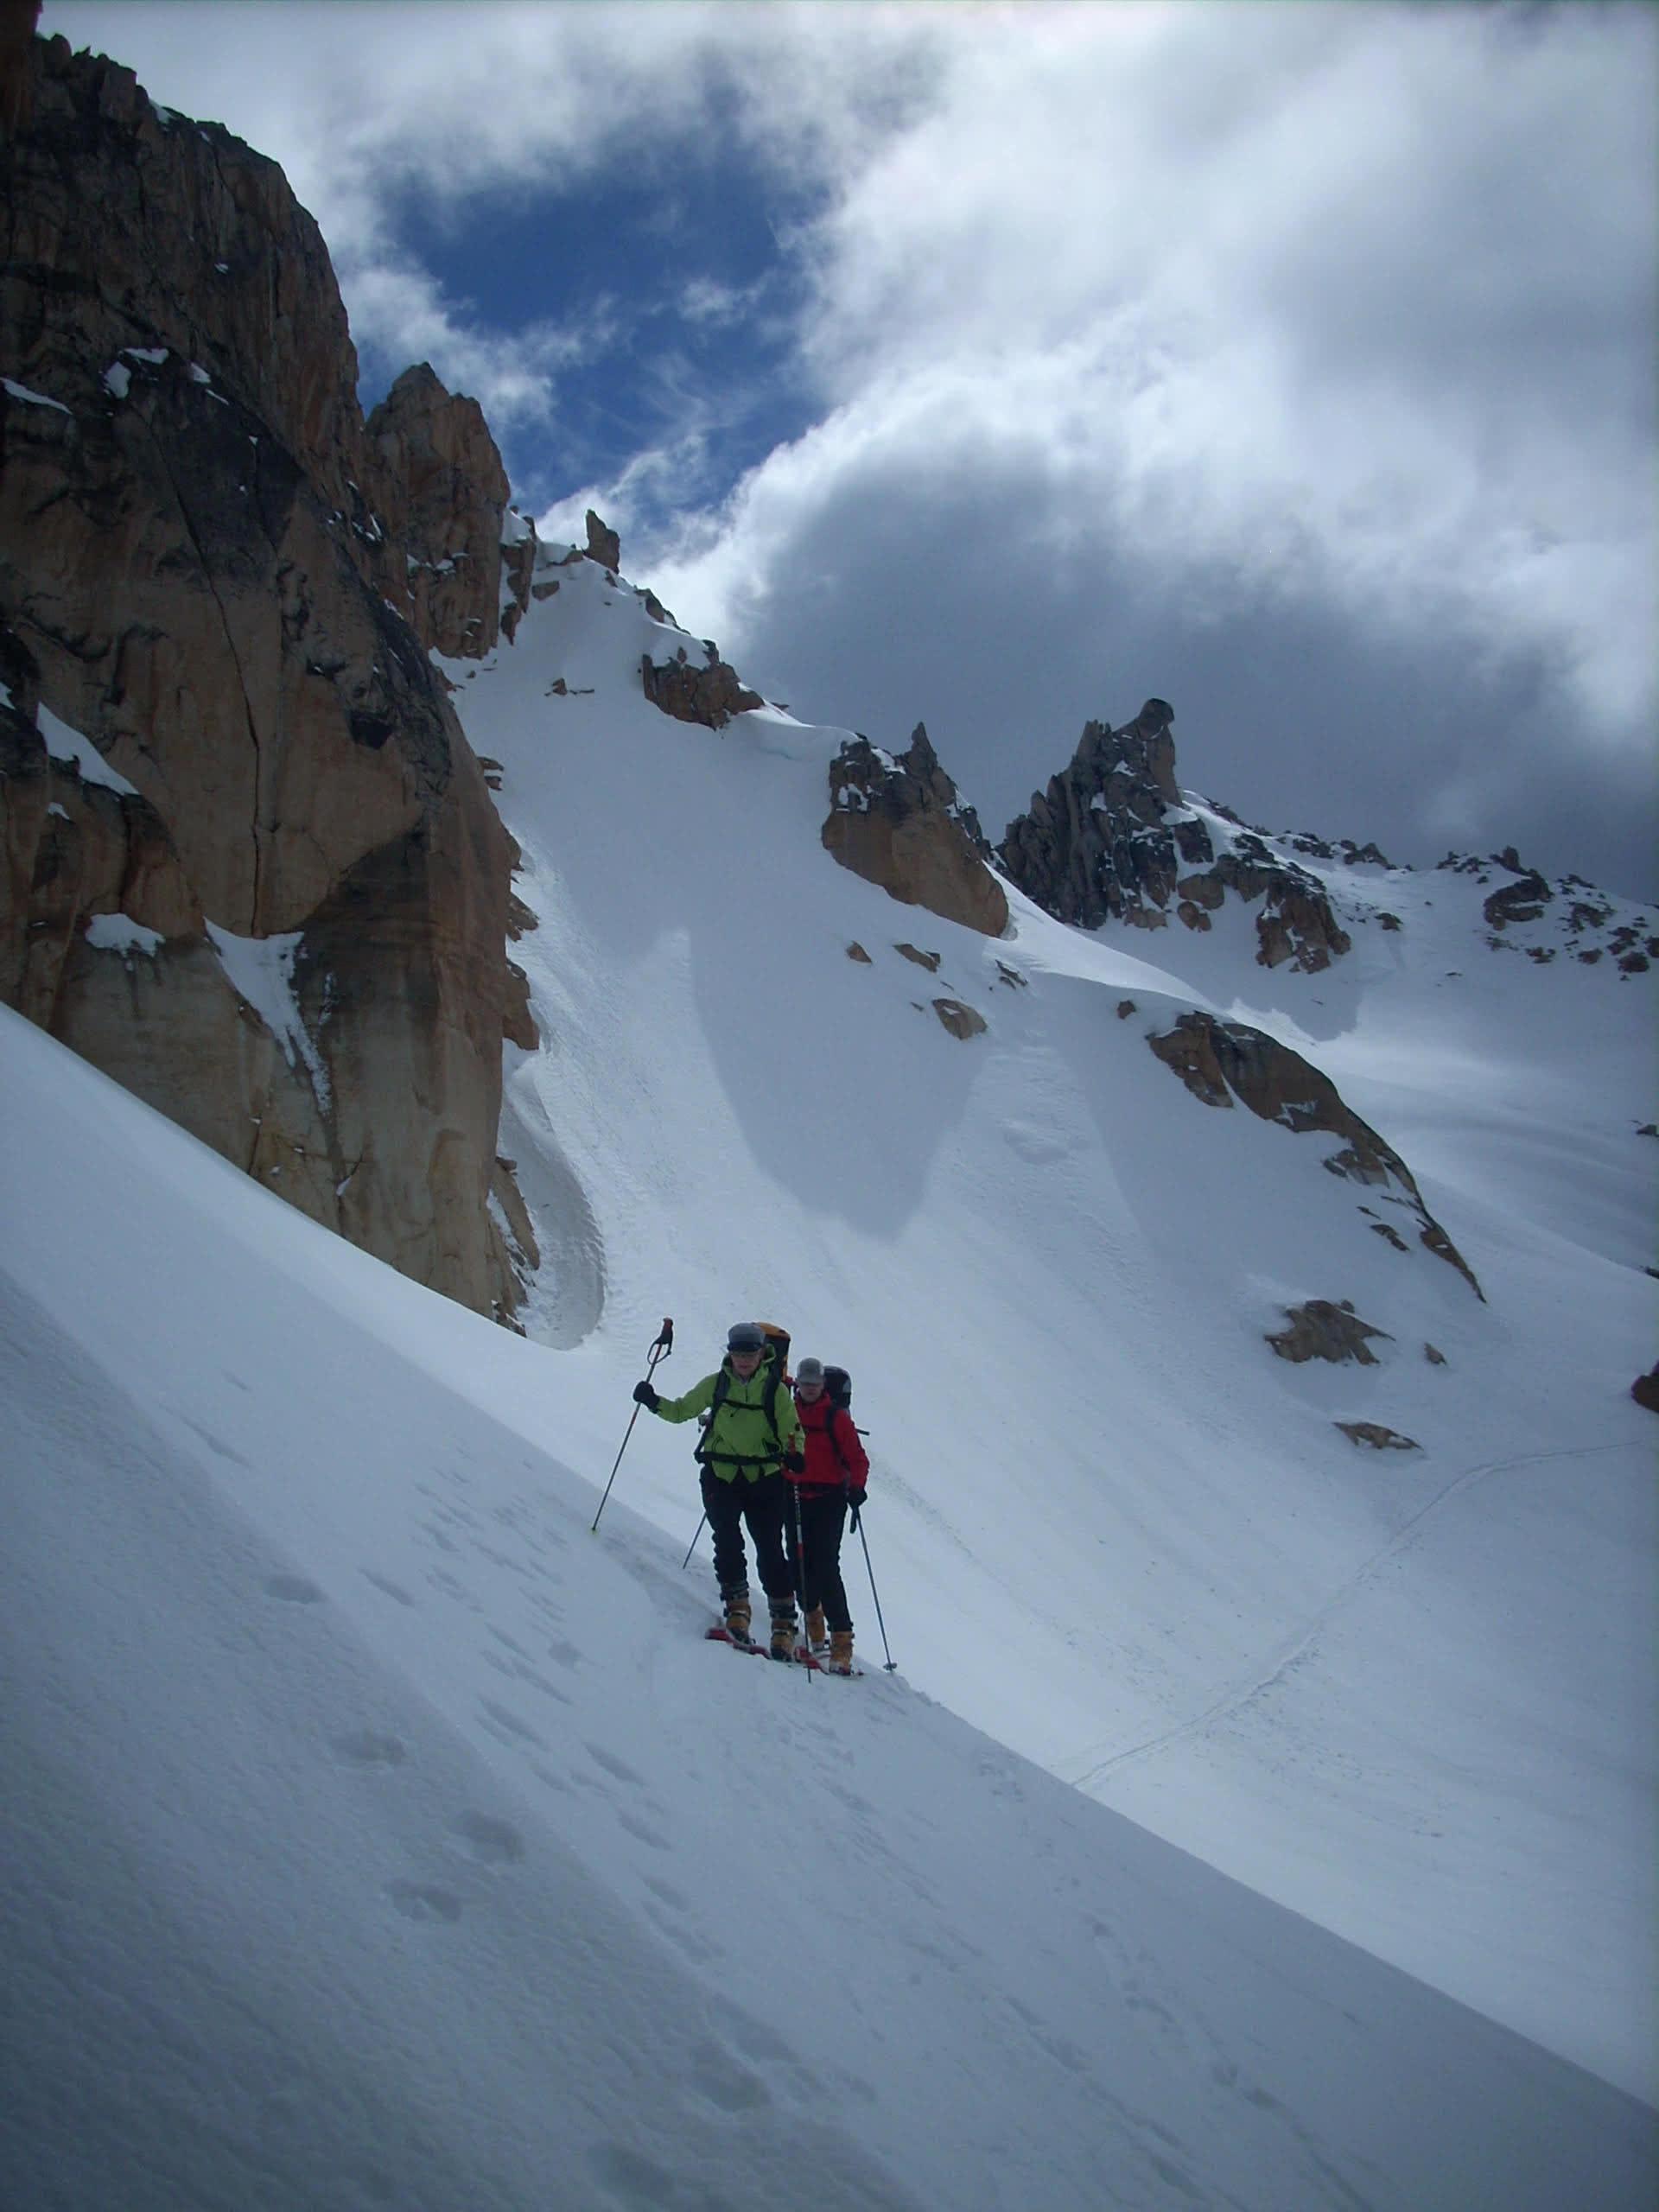 Ski touring Bariloche Argentina